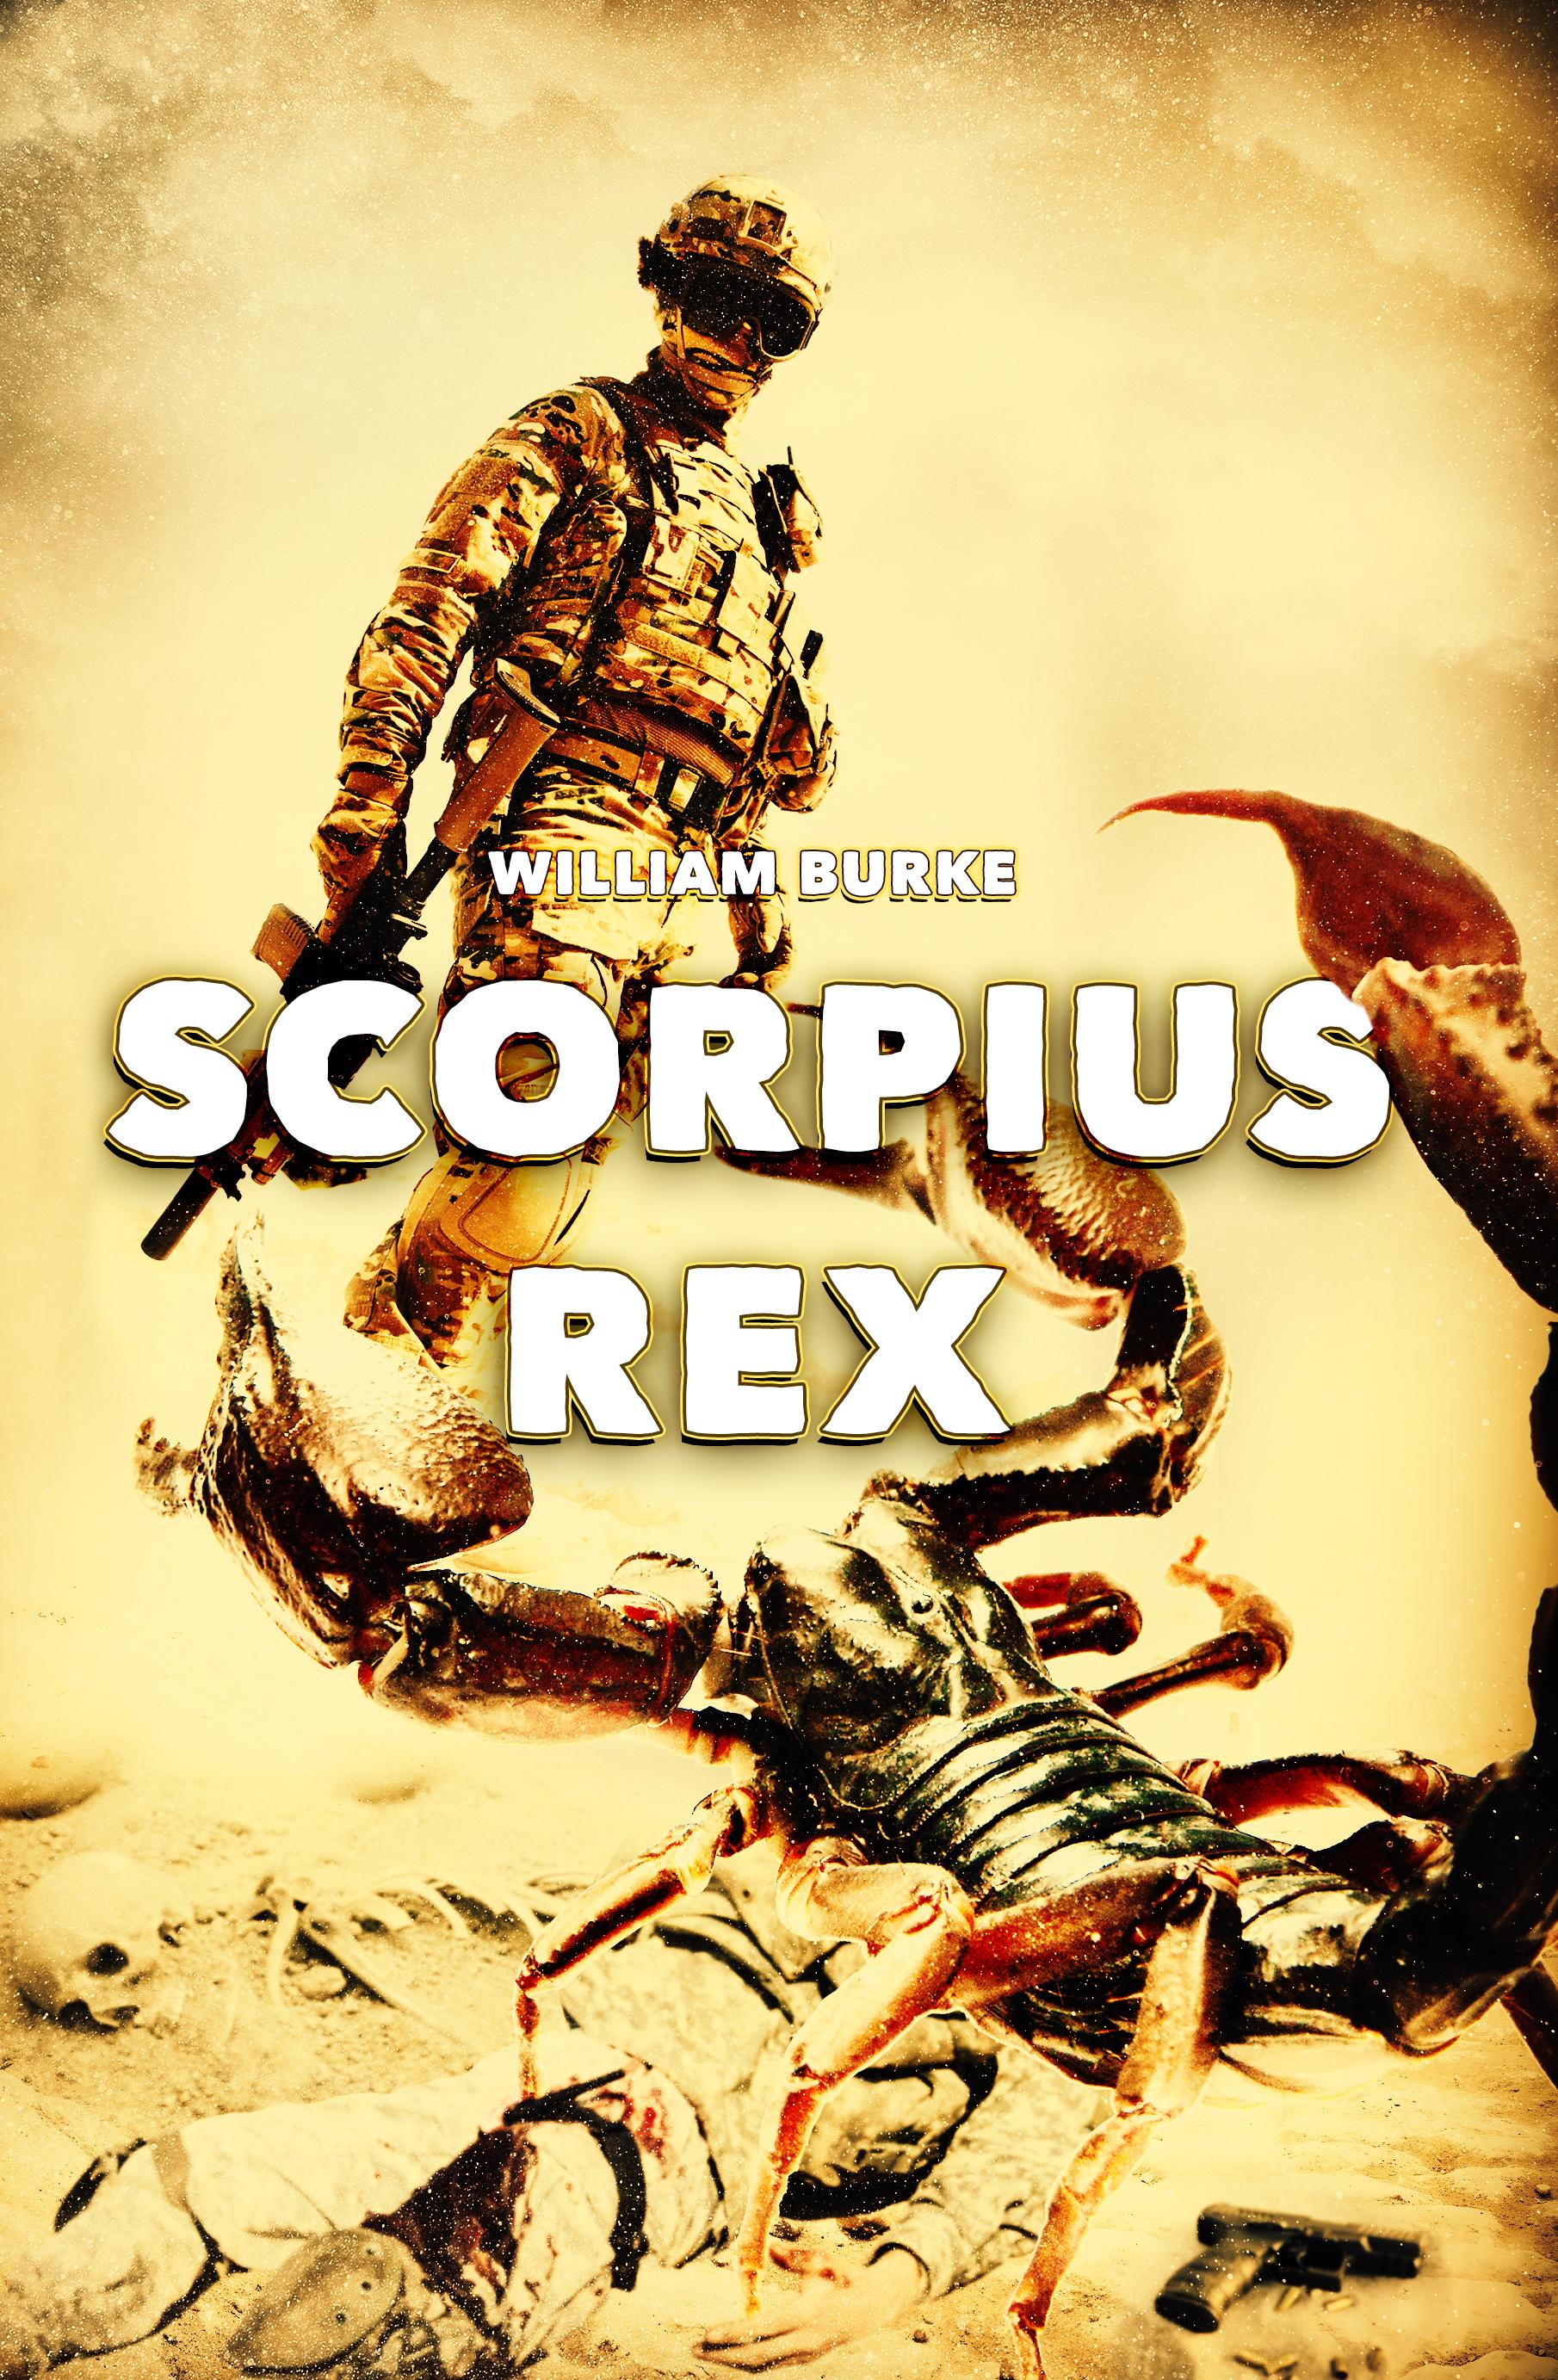 Scorpius Rex cover